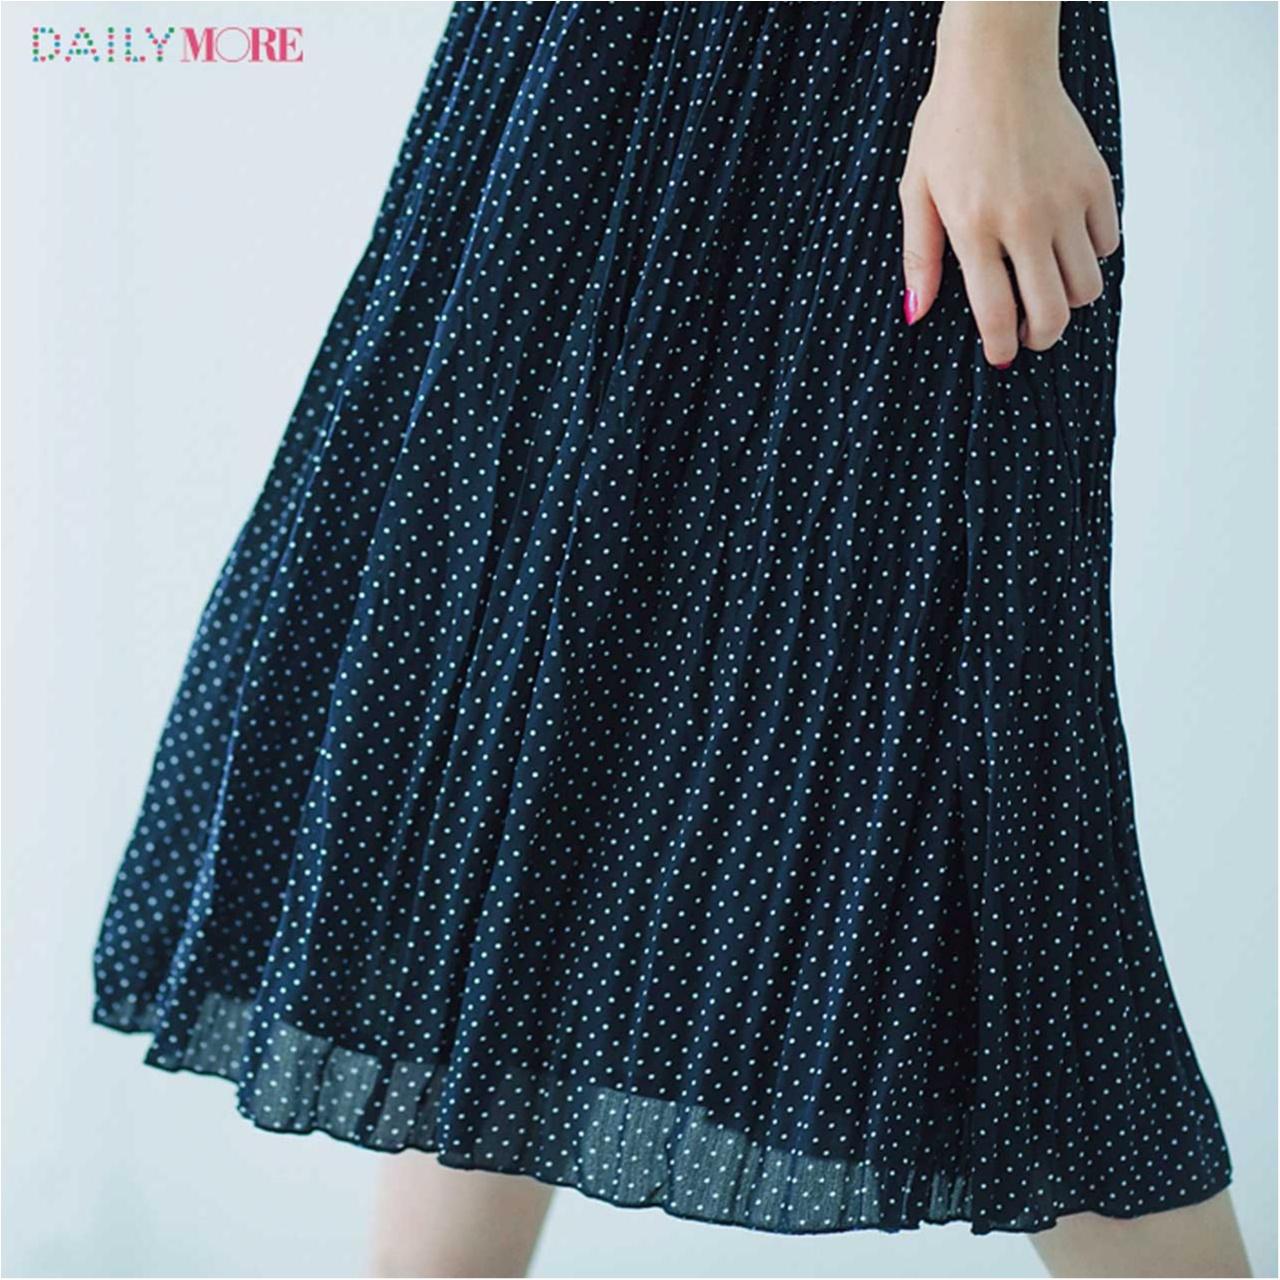 【公式通販GETMORE!】履くだけで見た目マイナス3kg! 『Flowerdays』のプリーツスカートなら、360度自信が持てる!_1_3